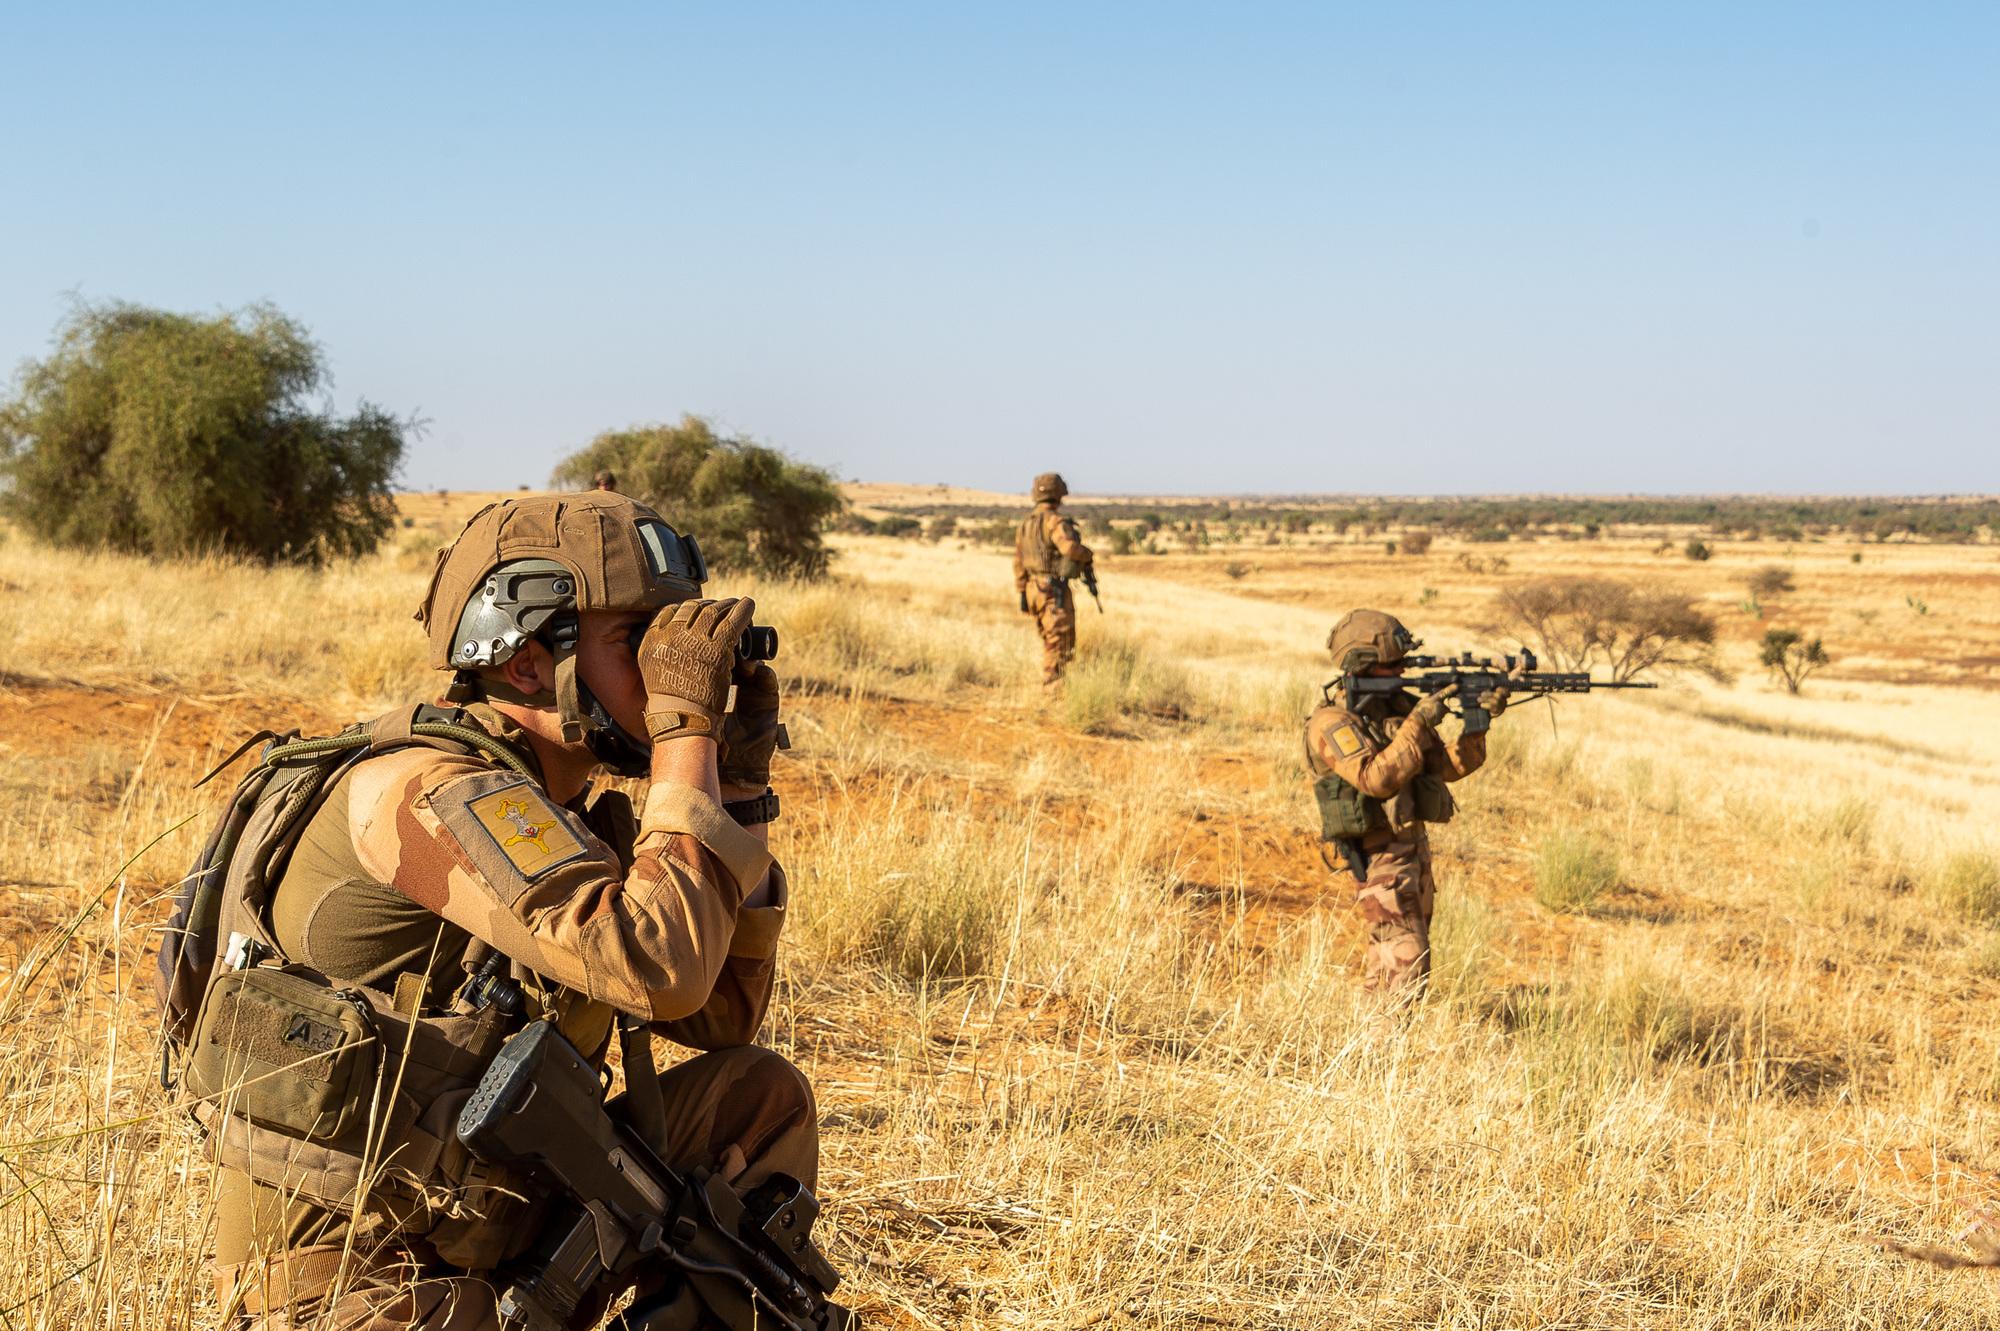 Des soldats français en opération au Mali. Illustration © État-major des armées/Ministère de la Défense